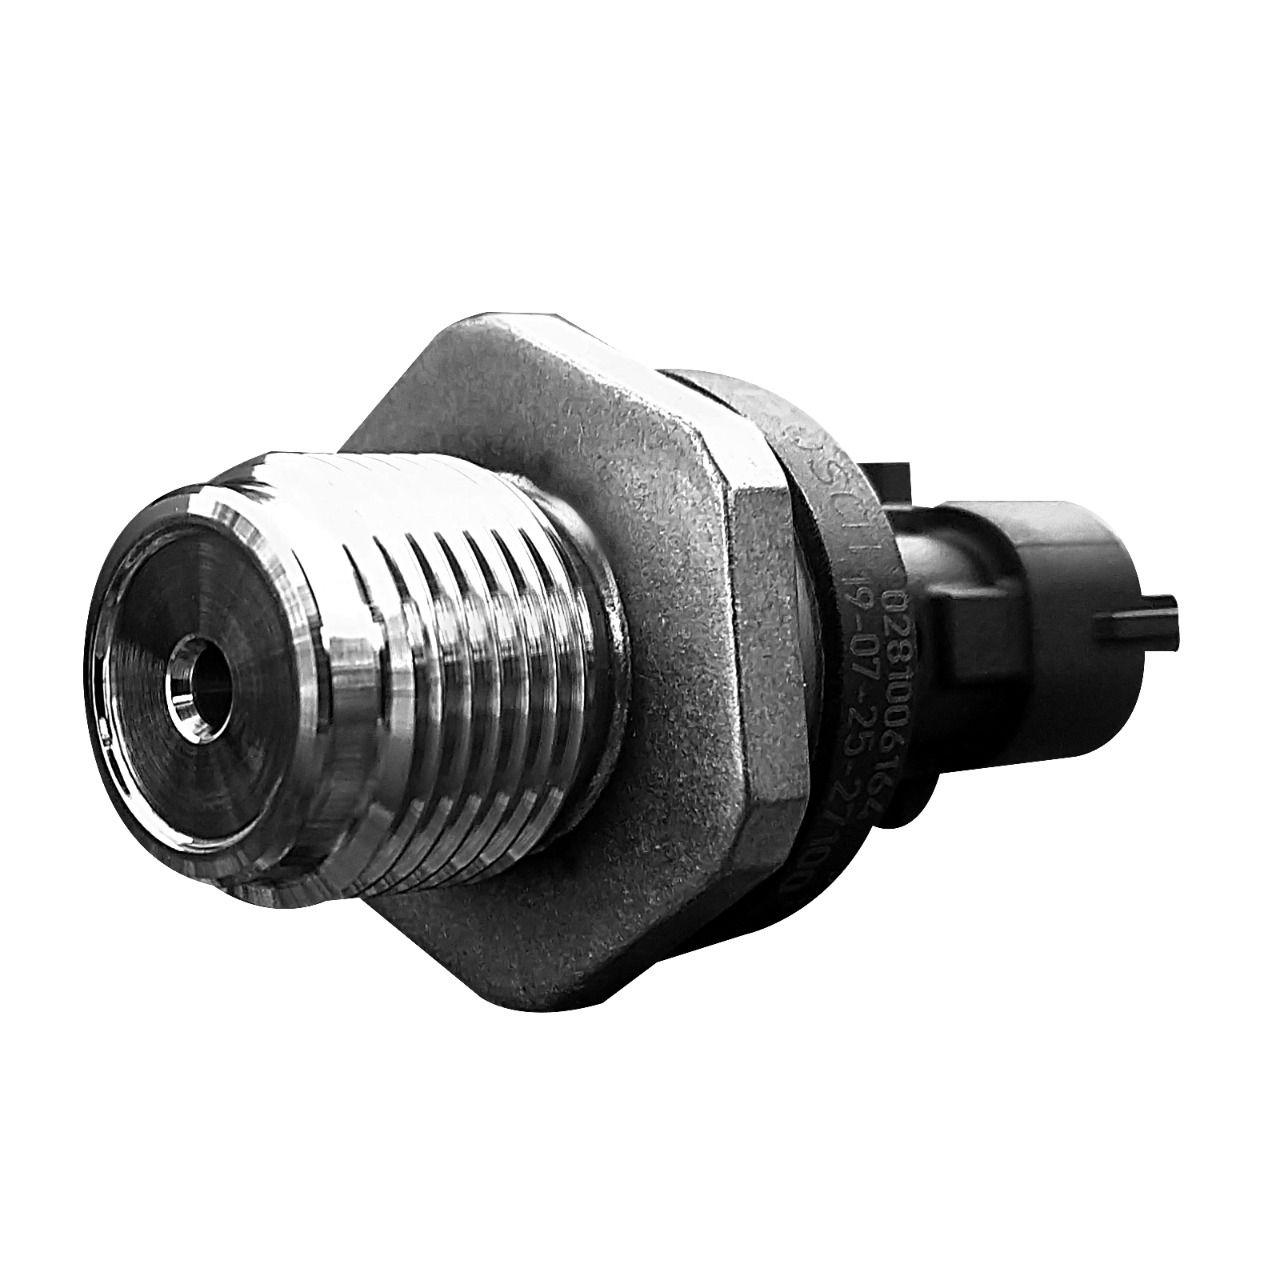 Sensor Flauta Iveco Daily 35S14 / 45C17 / 55C17 / 70C17 3.0 16v Ecoline Euro V Ano  2012 a 2018